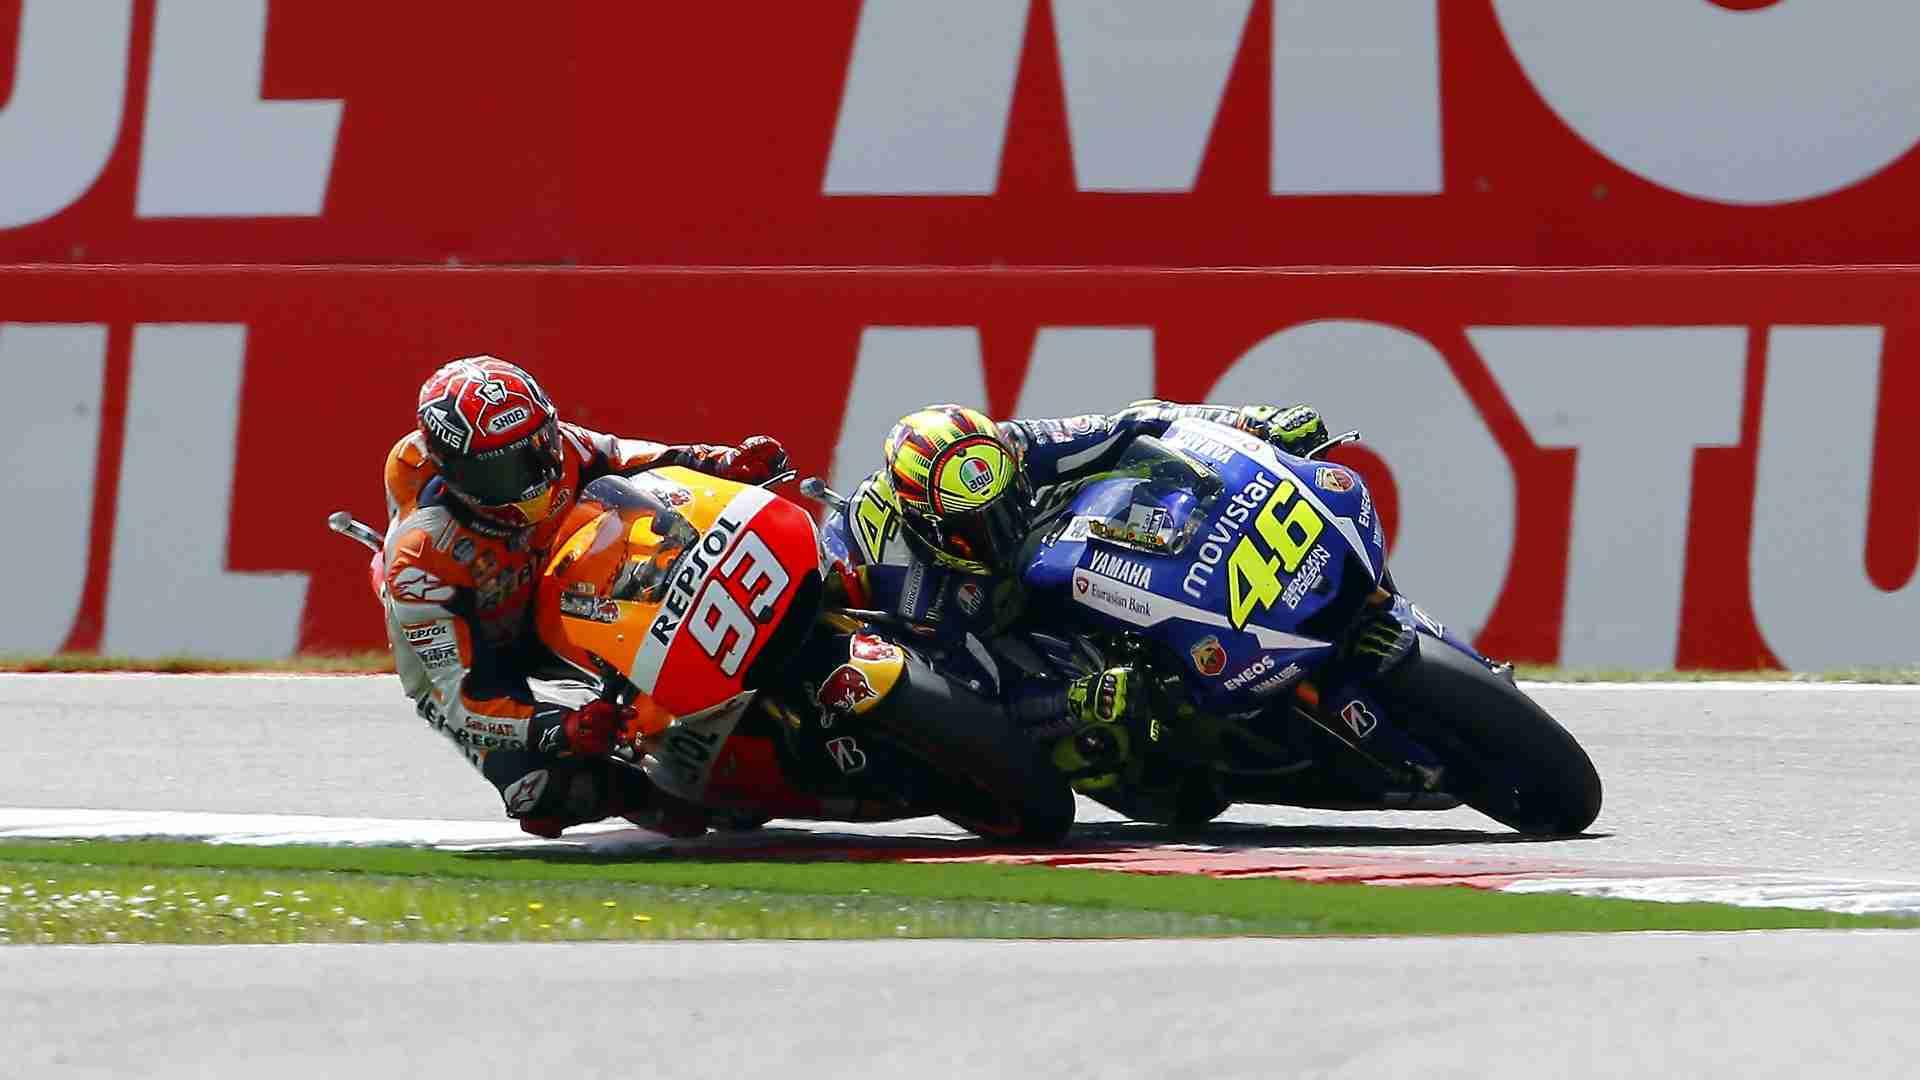 Rossi Marquez MotoGP Assen 2015 wallpaper